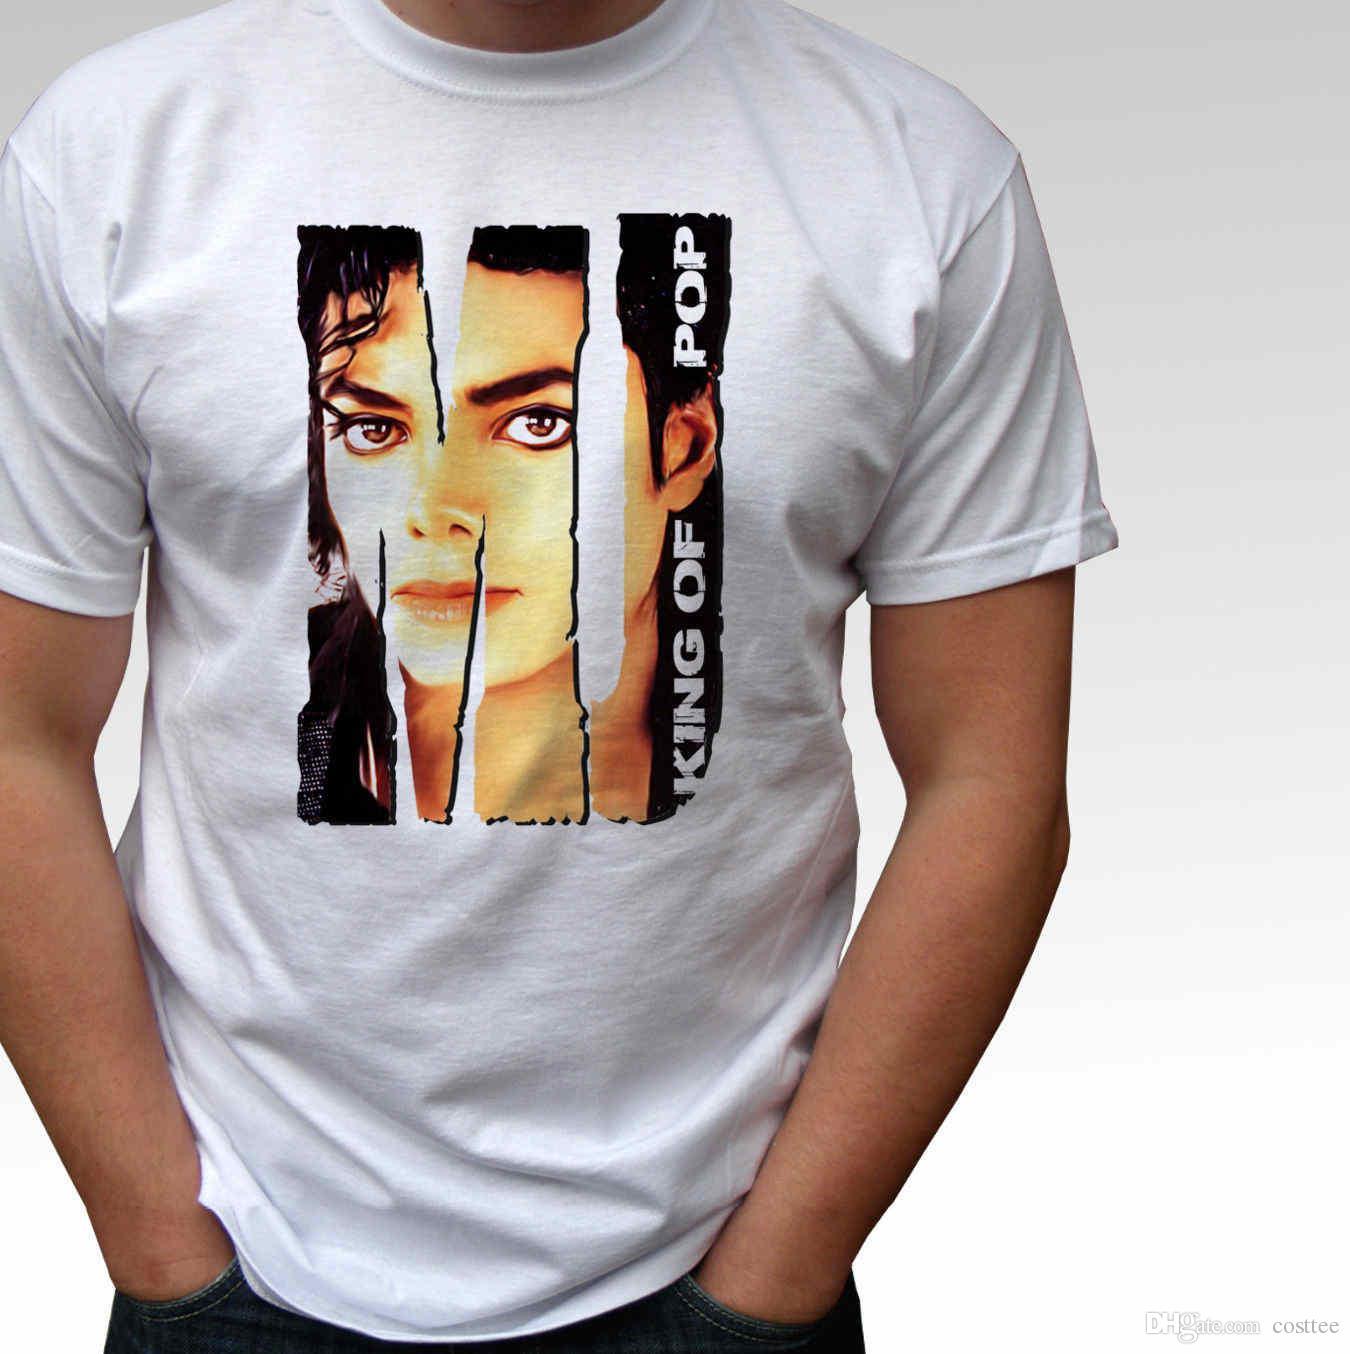 Abbigliamento E Accessori T-shirt E Maglie Useful Bambini Ragazzi Ragazze Michael Jackson Silhouette T-shirt King Of Pop Tribute